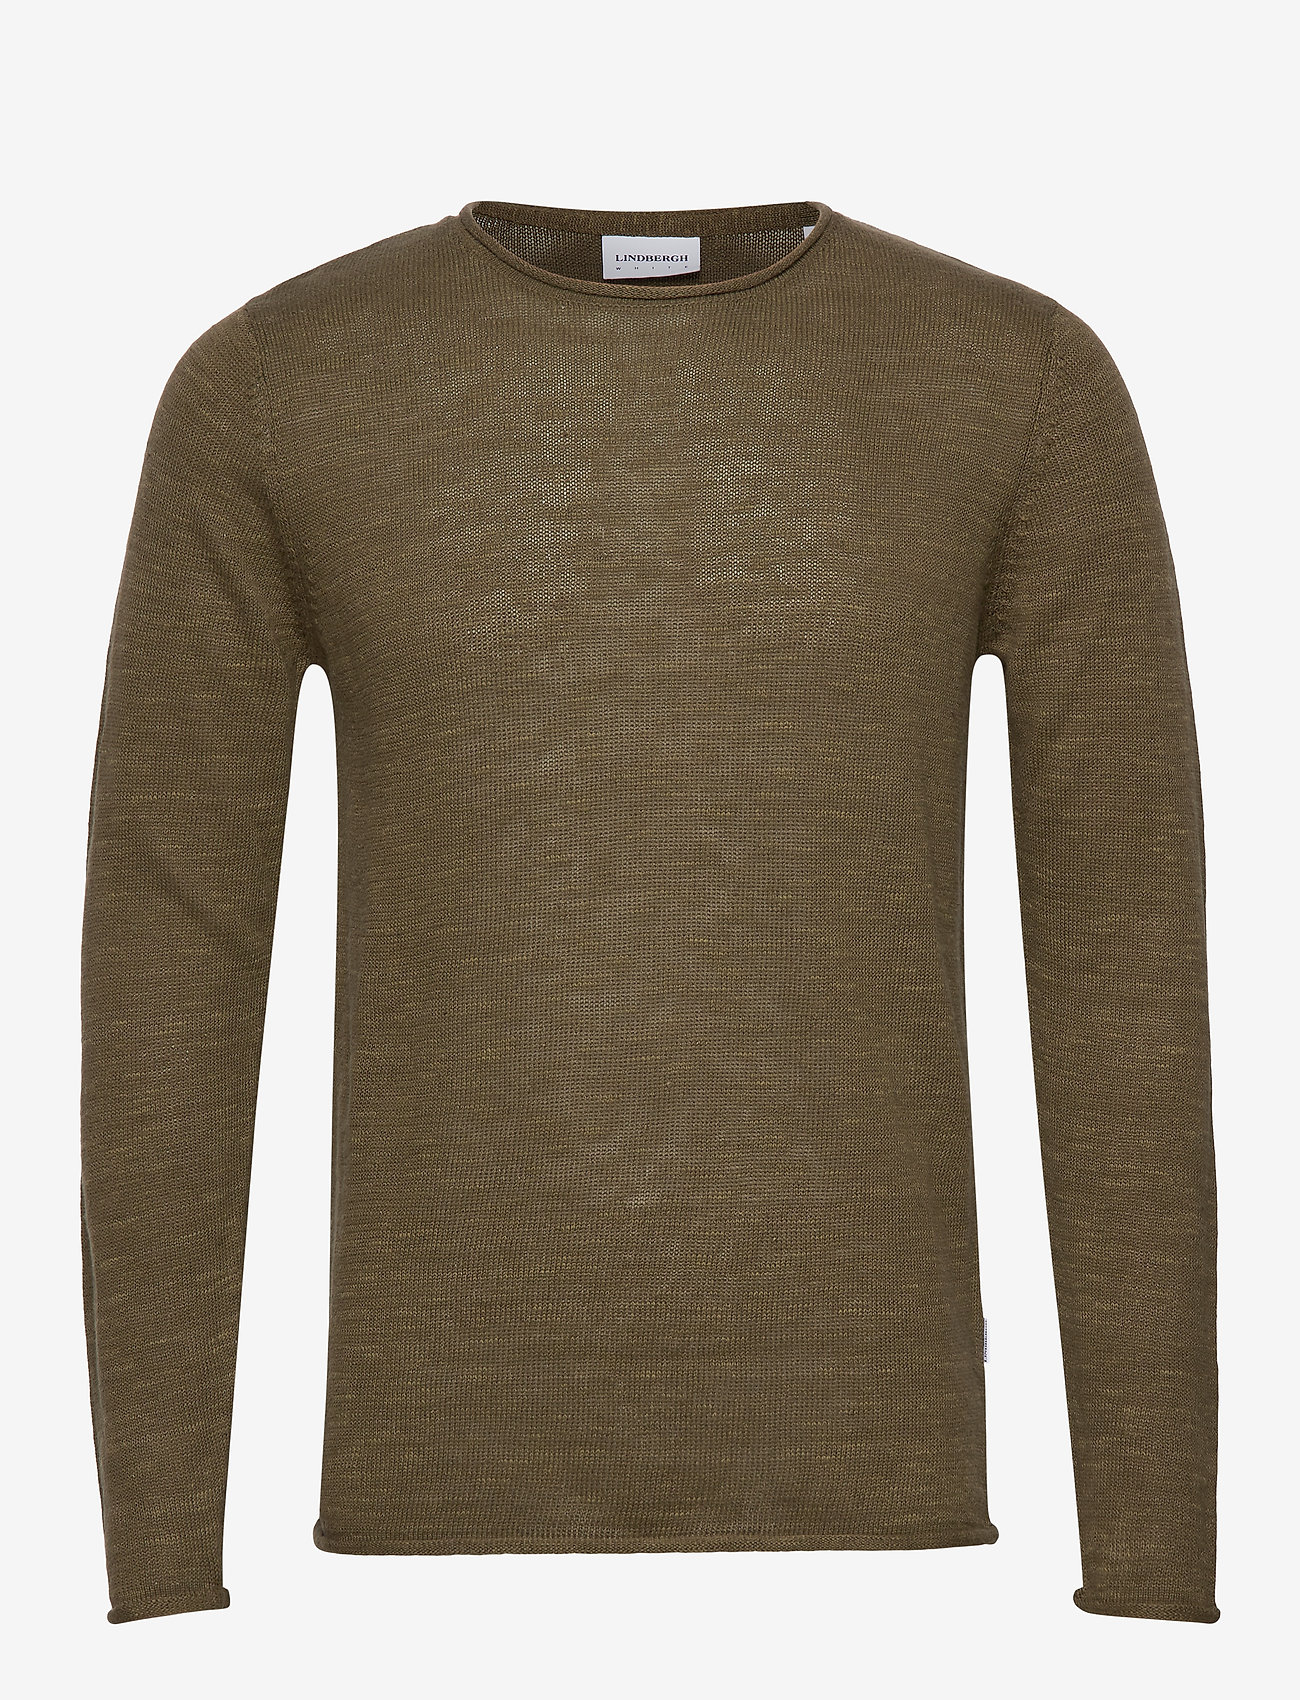 Lindbergh - Casual knit - basic knitwear - army mel